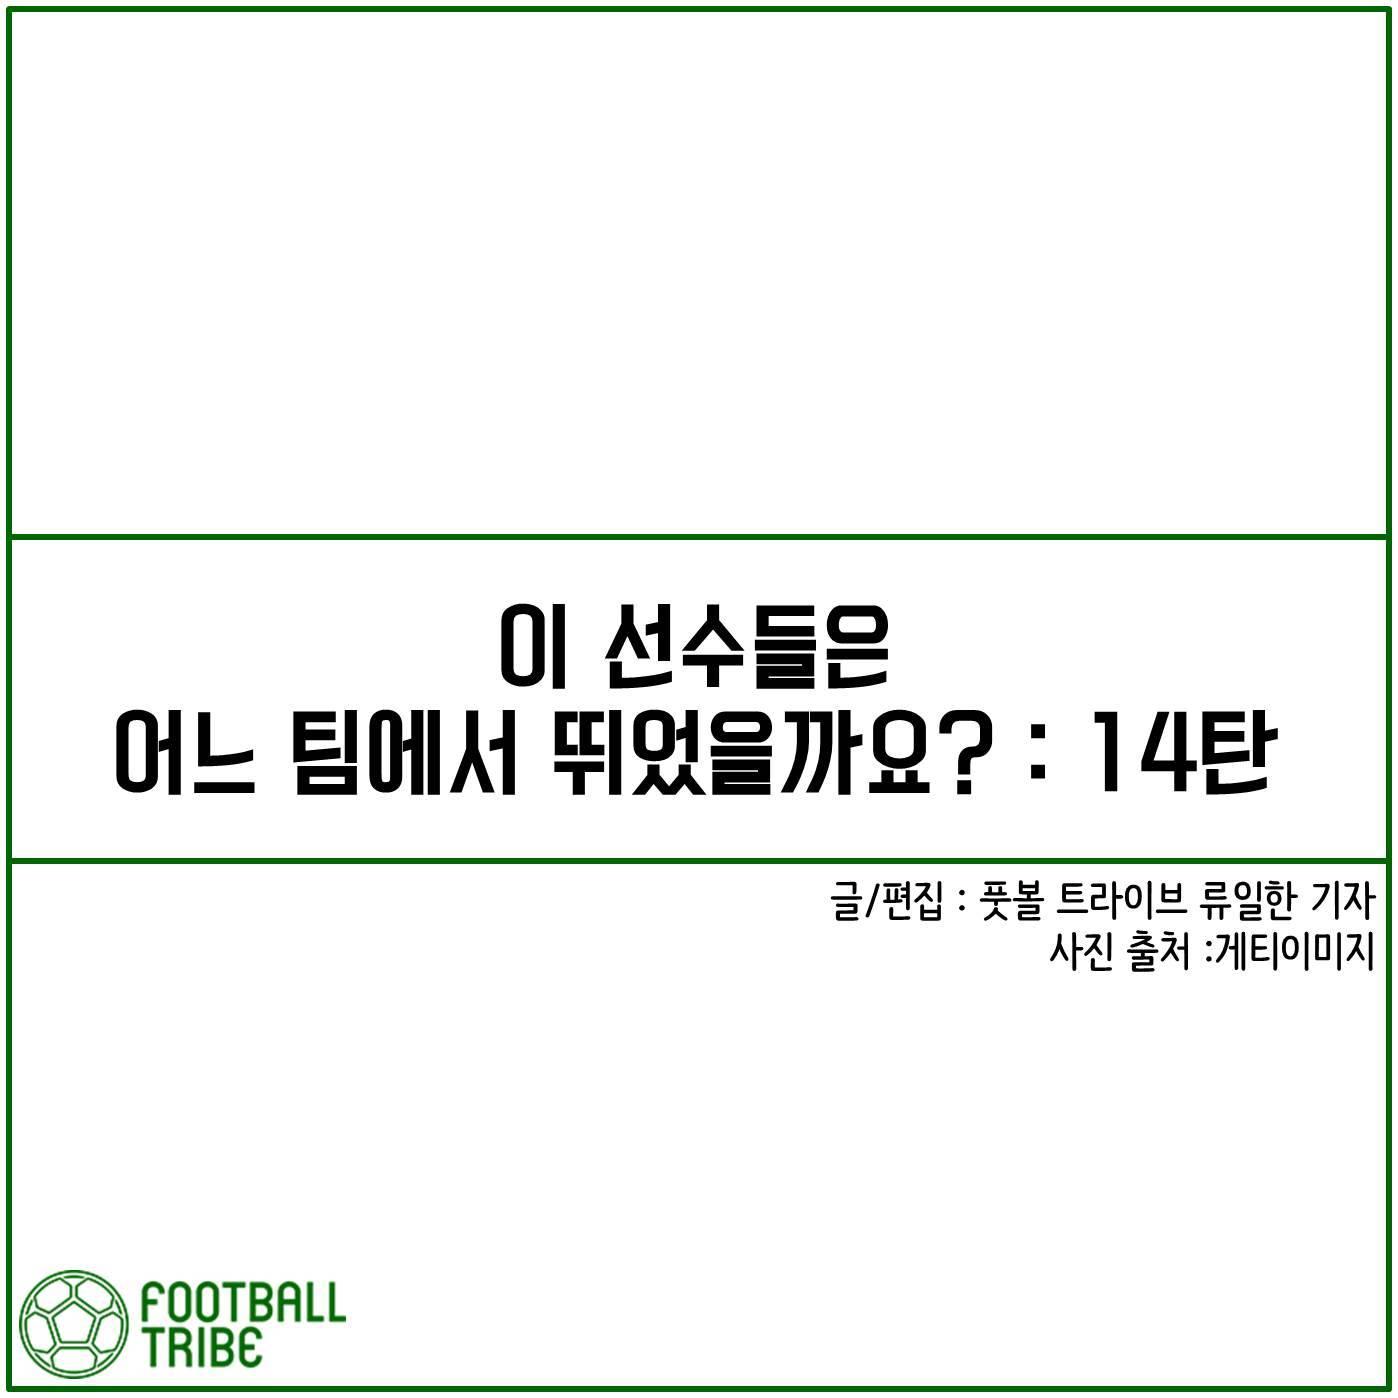 [카드 뉴스] 이 선수들은 어느 팀에서 뛰었을까요?: 14탄